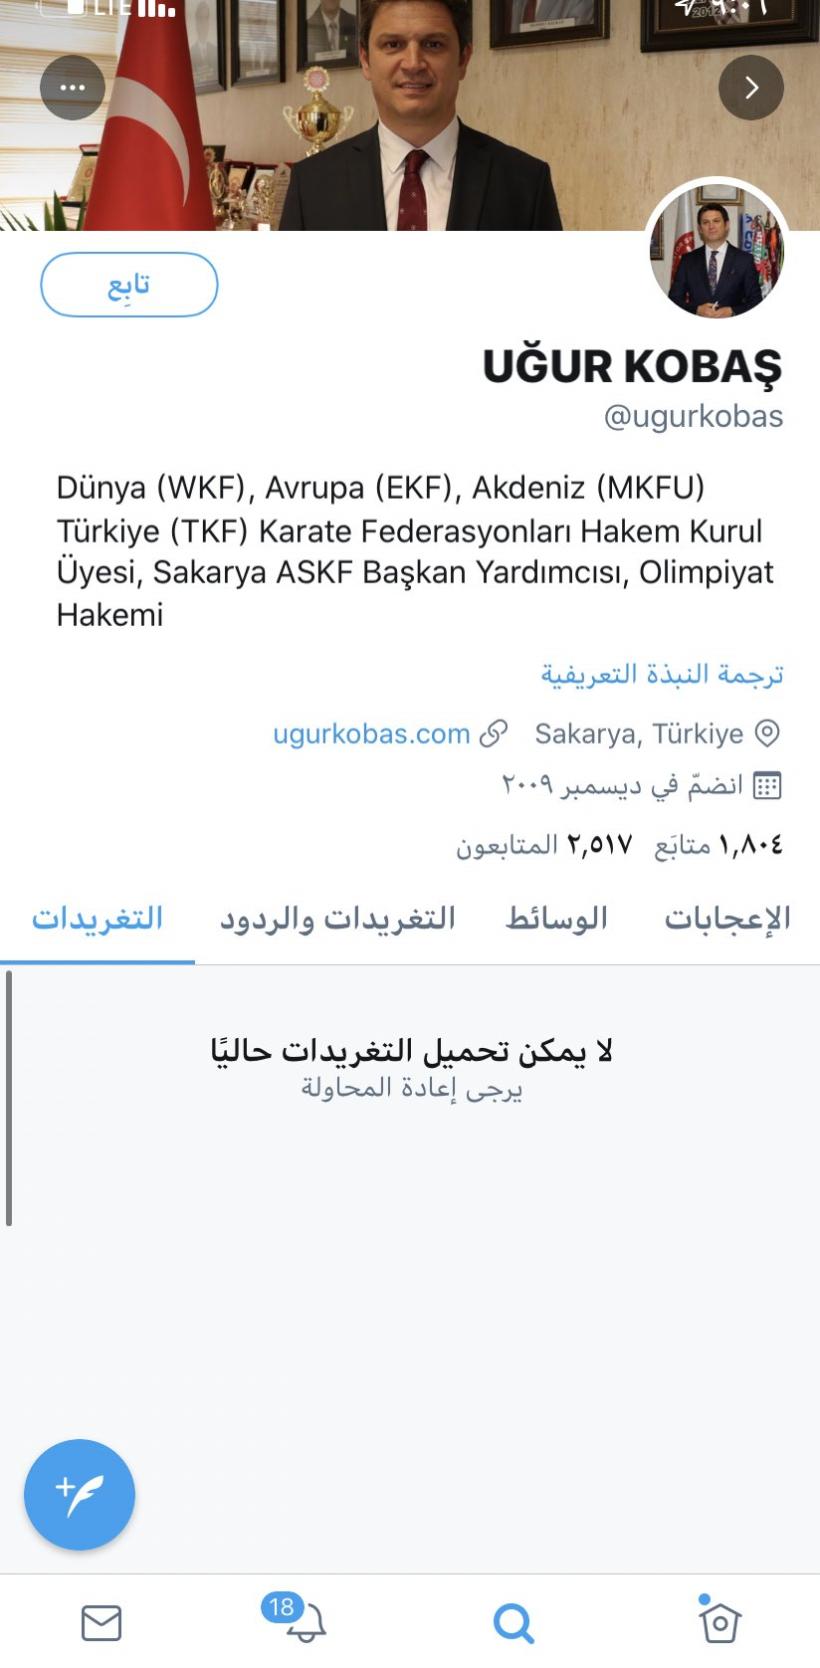 تهدید به قتل داور ترک فینال ایران و عربستان مثل خاشقچی!